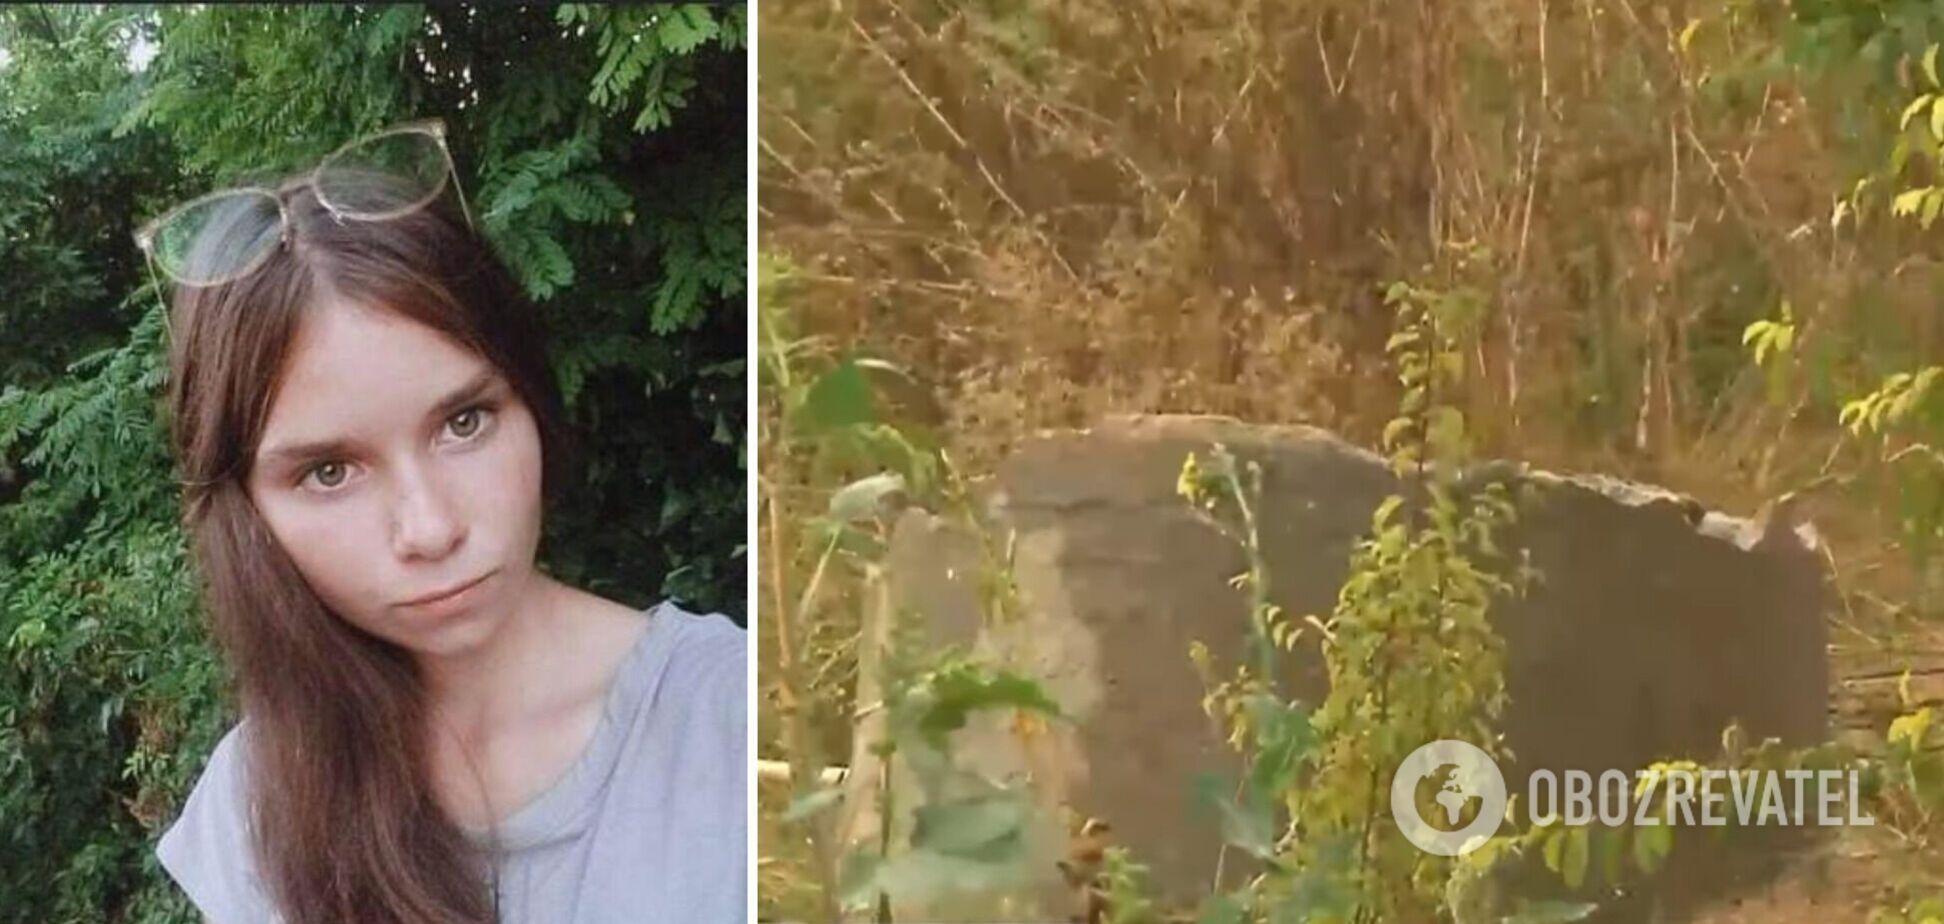 Тело девушки нашли в заброшенном колодце